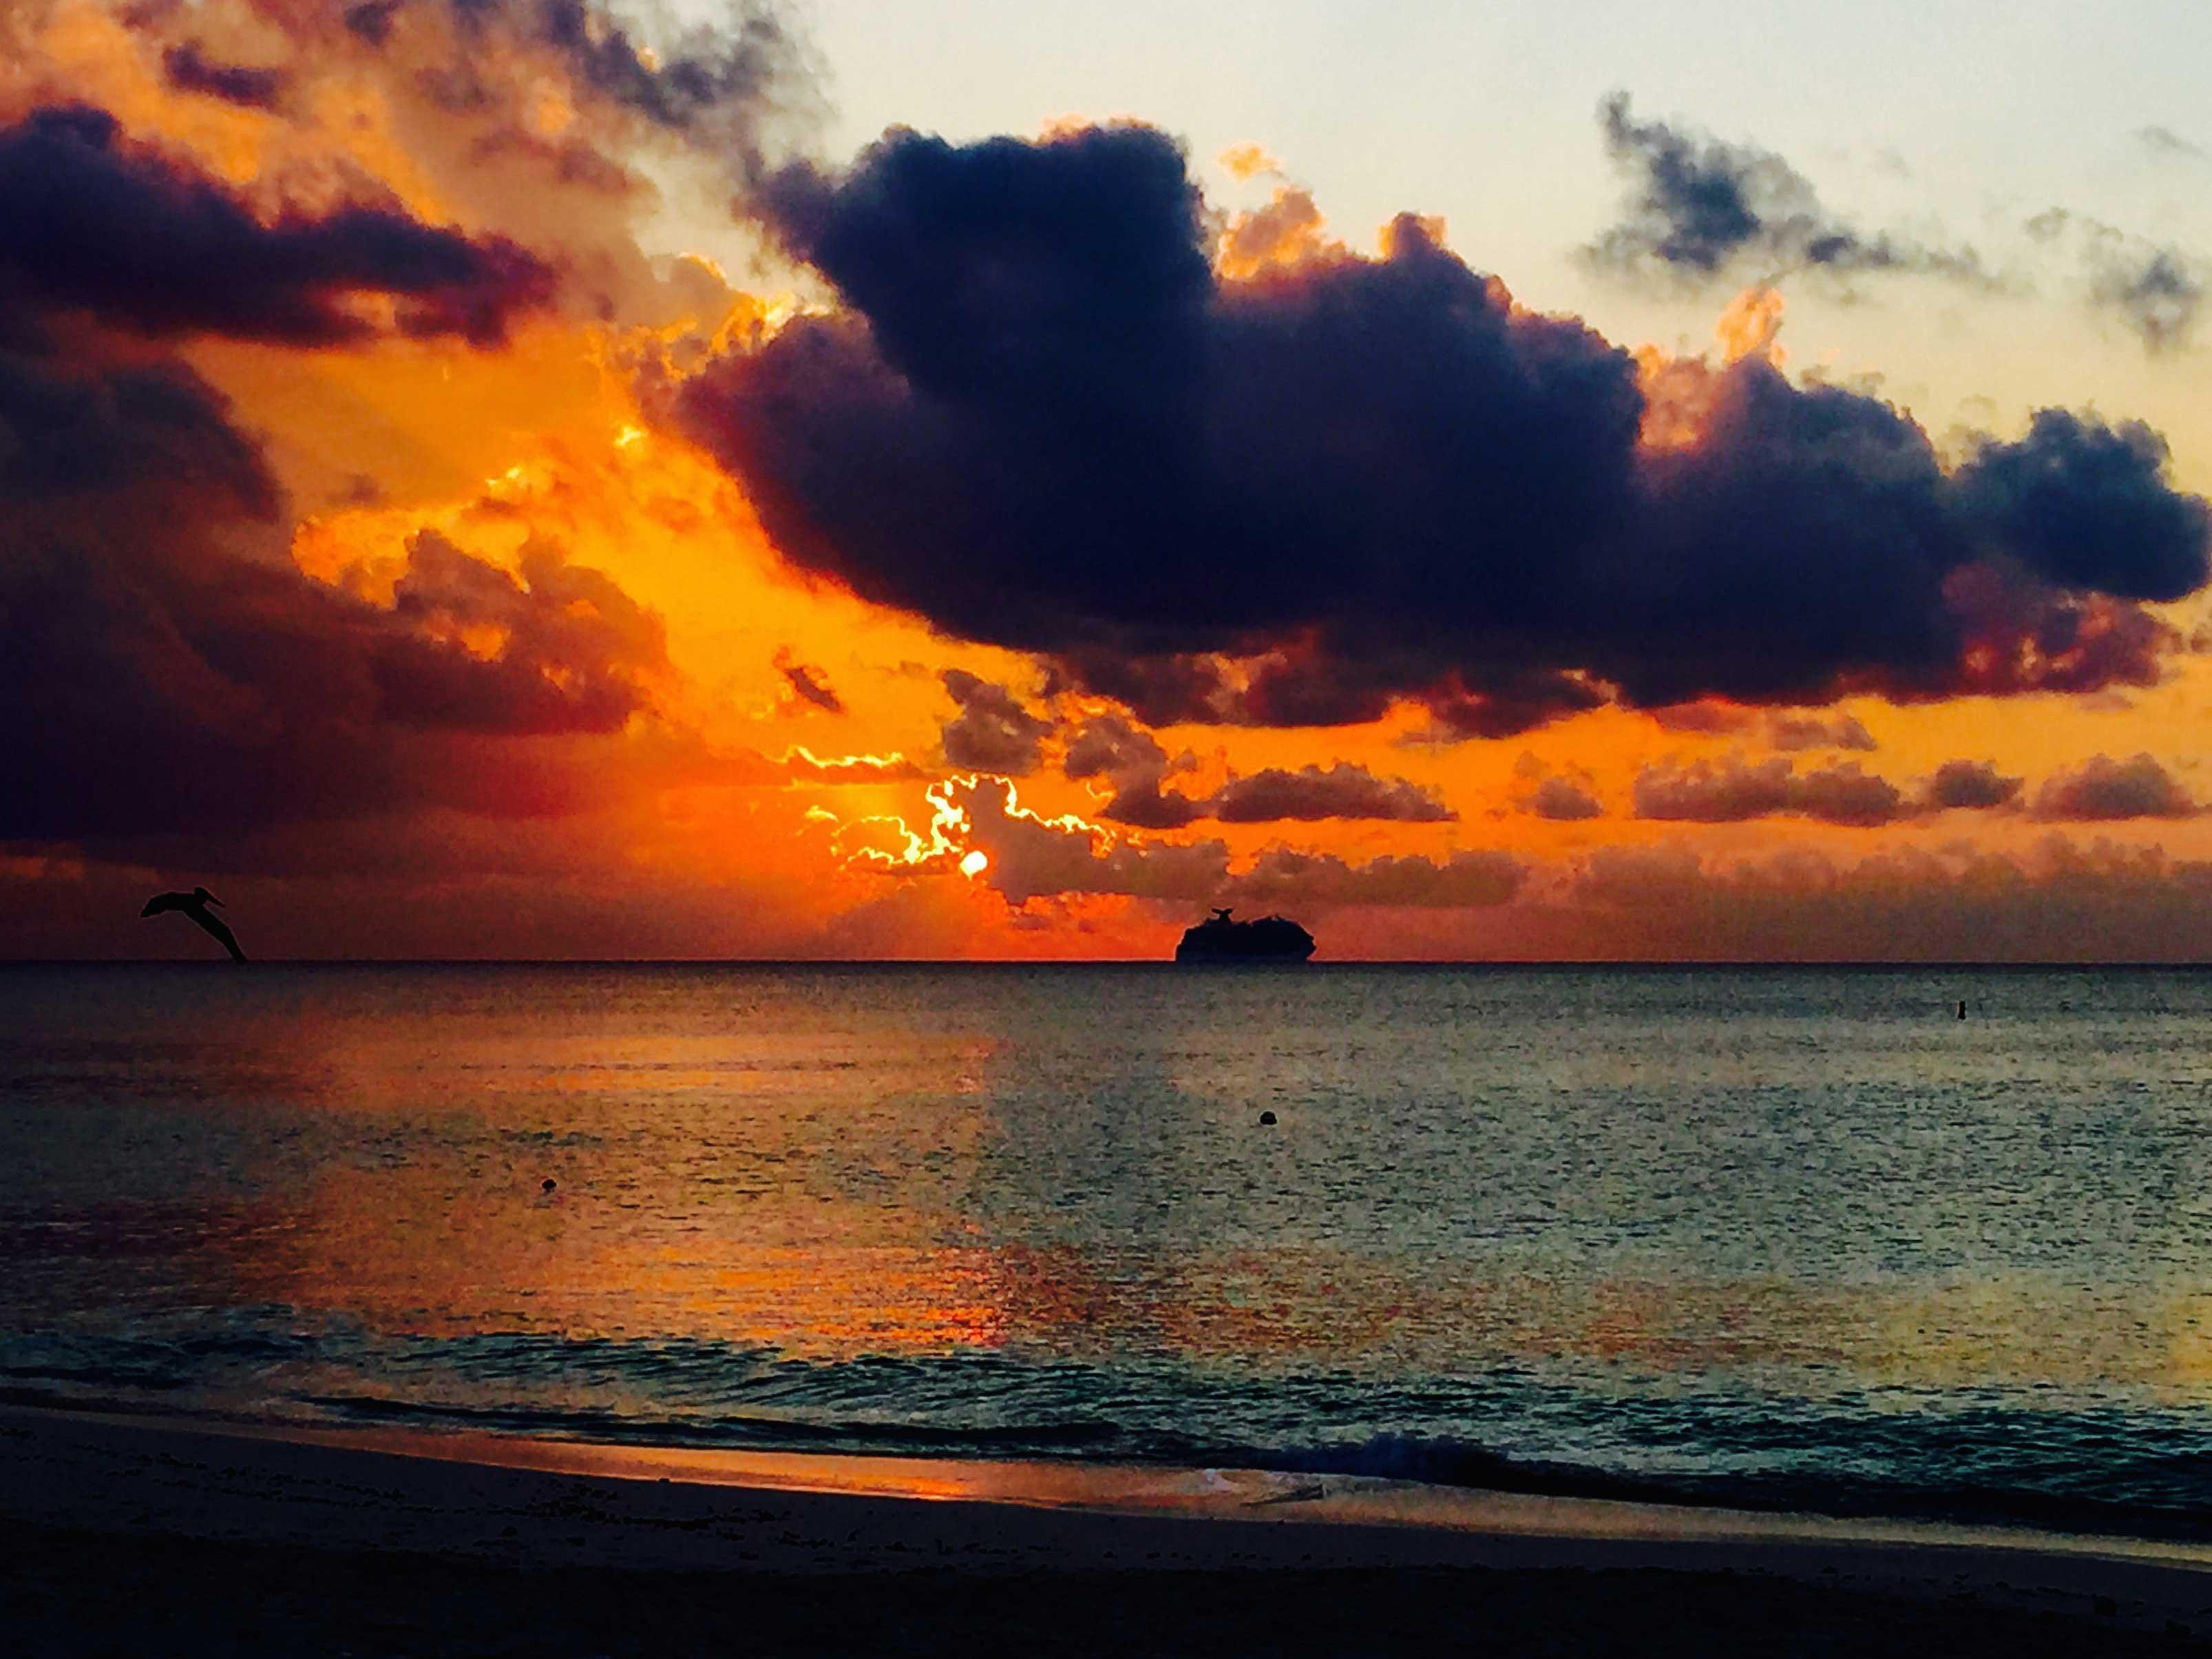 Stunning sunsets.